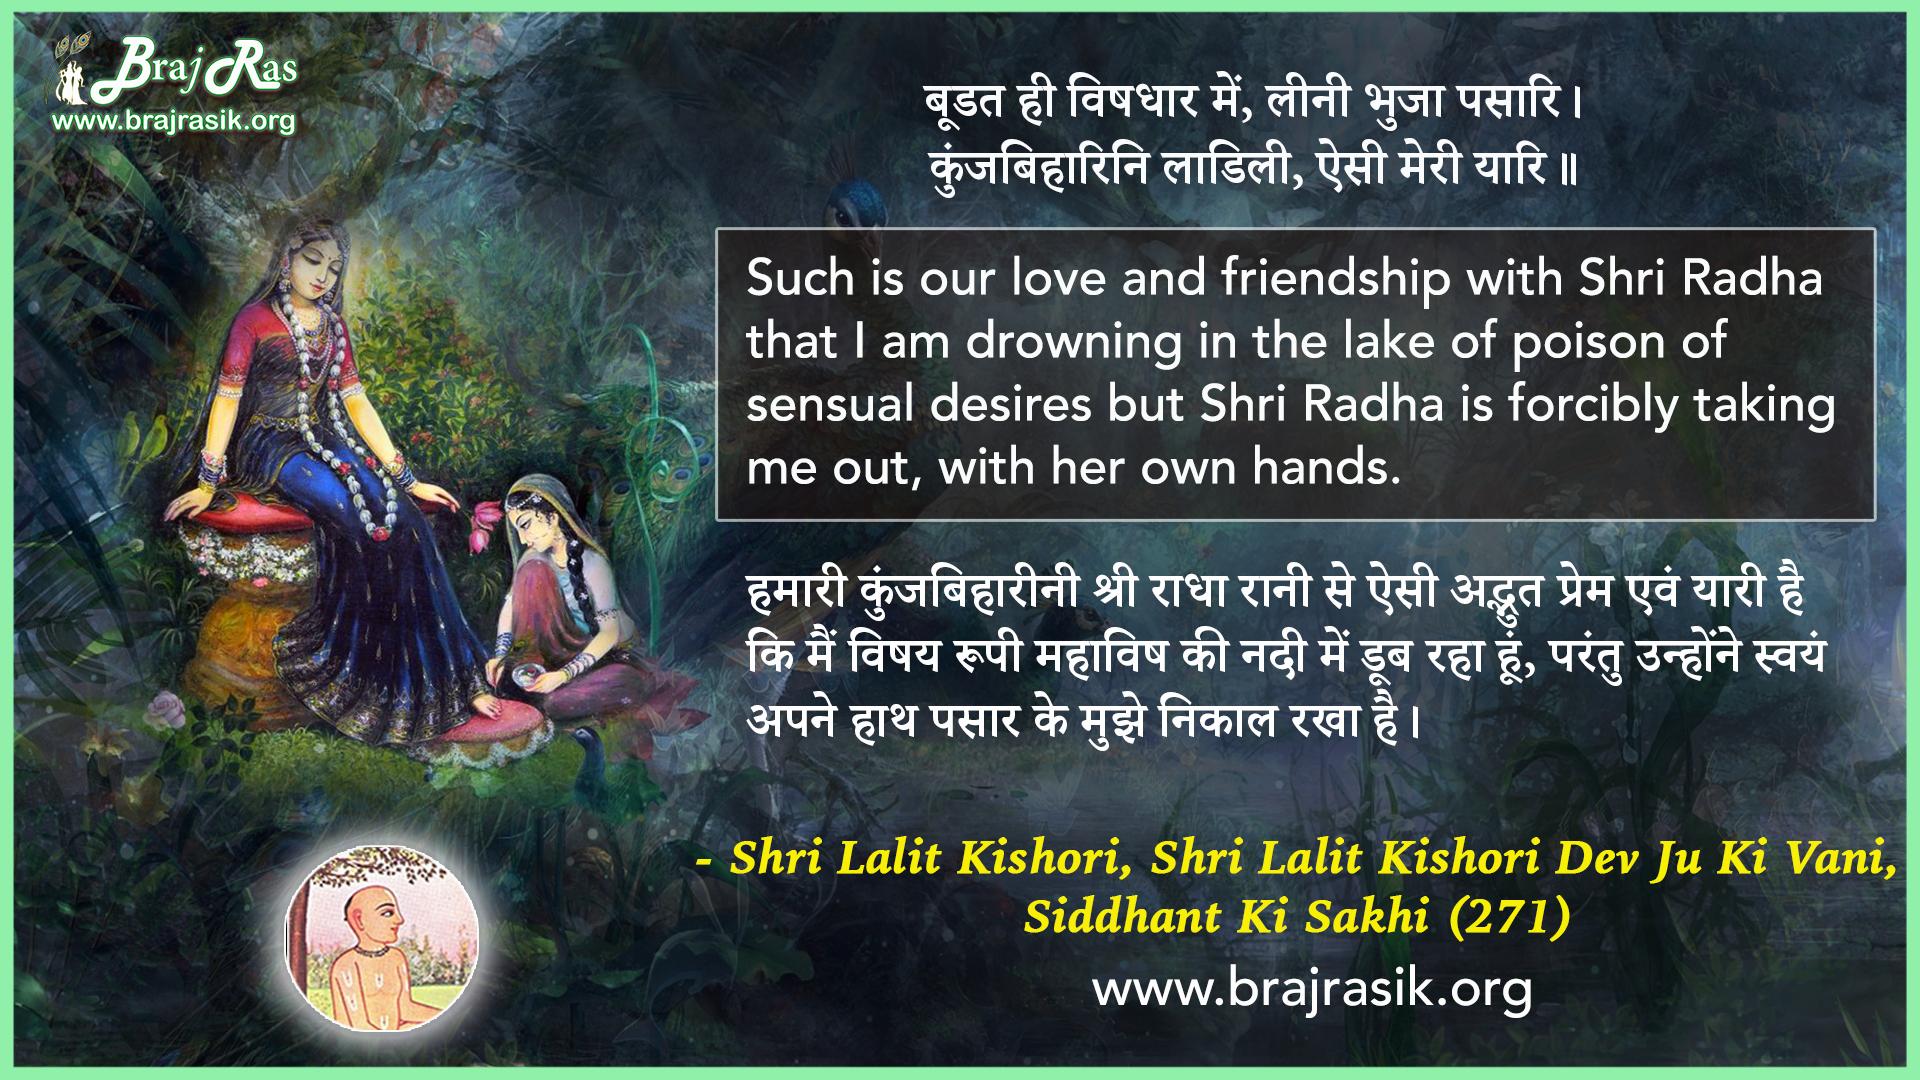 Boodat Hi Vishdhaar Mein - Shri Lalit Kishori Dev, Shri Lalit Kishori Dev Ju Ki Vani, Siddhant Ki Sakhi (271)